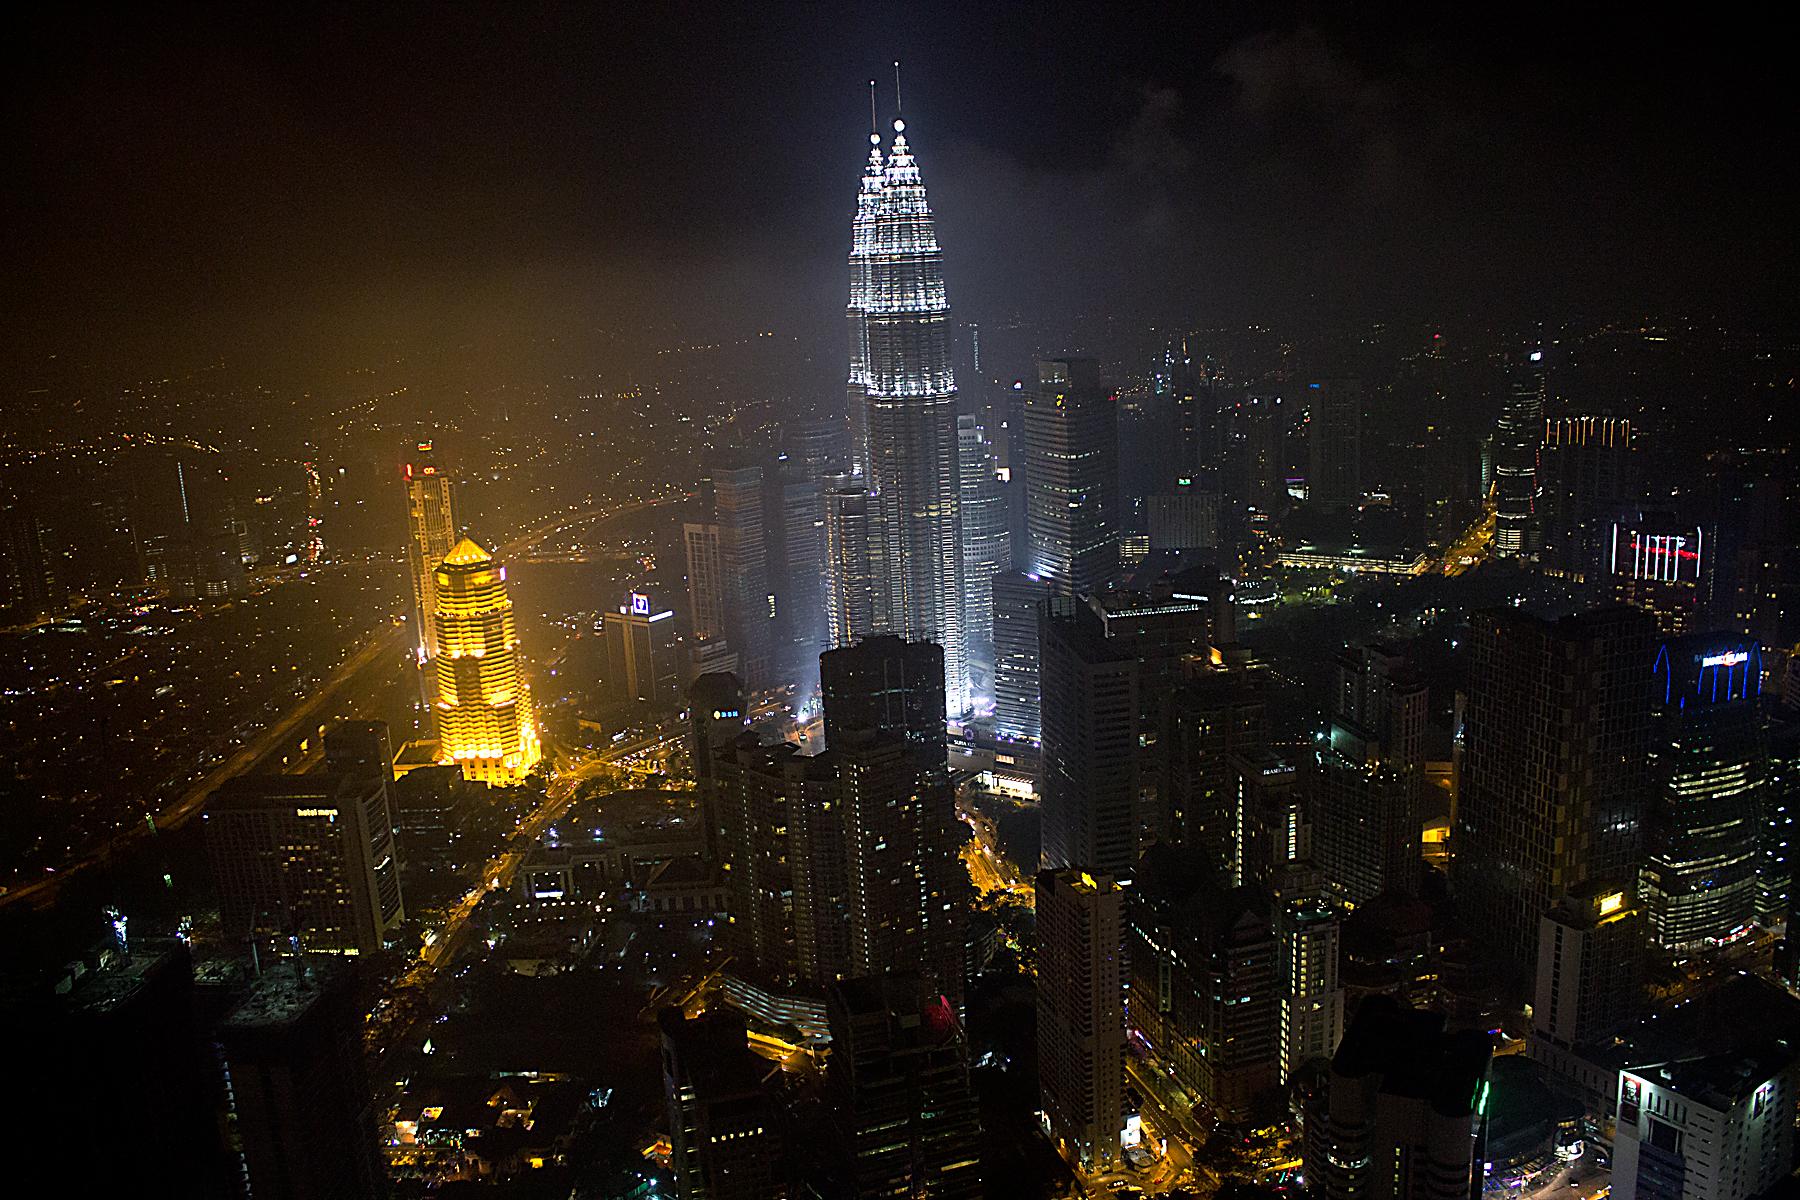 By night Kuala Lumpur...